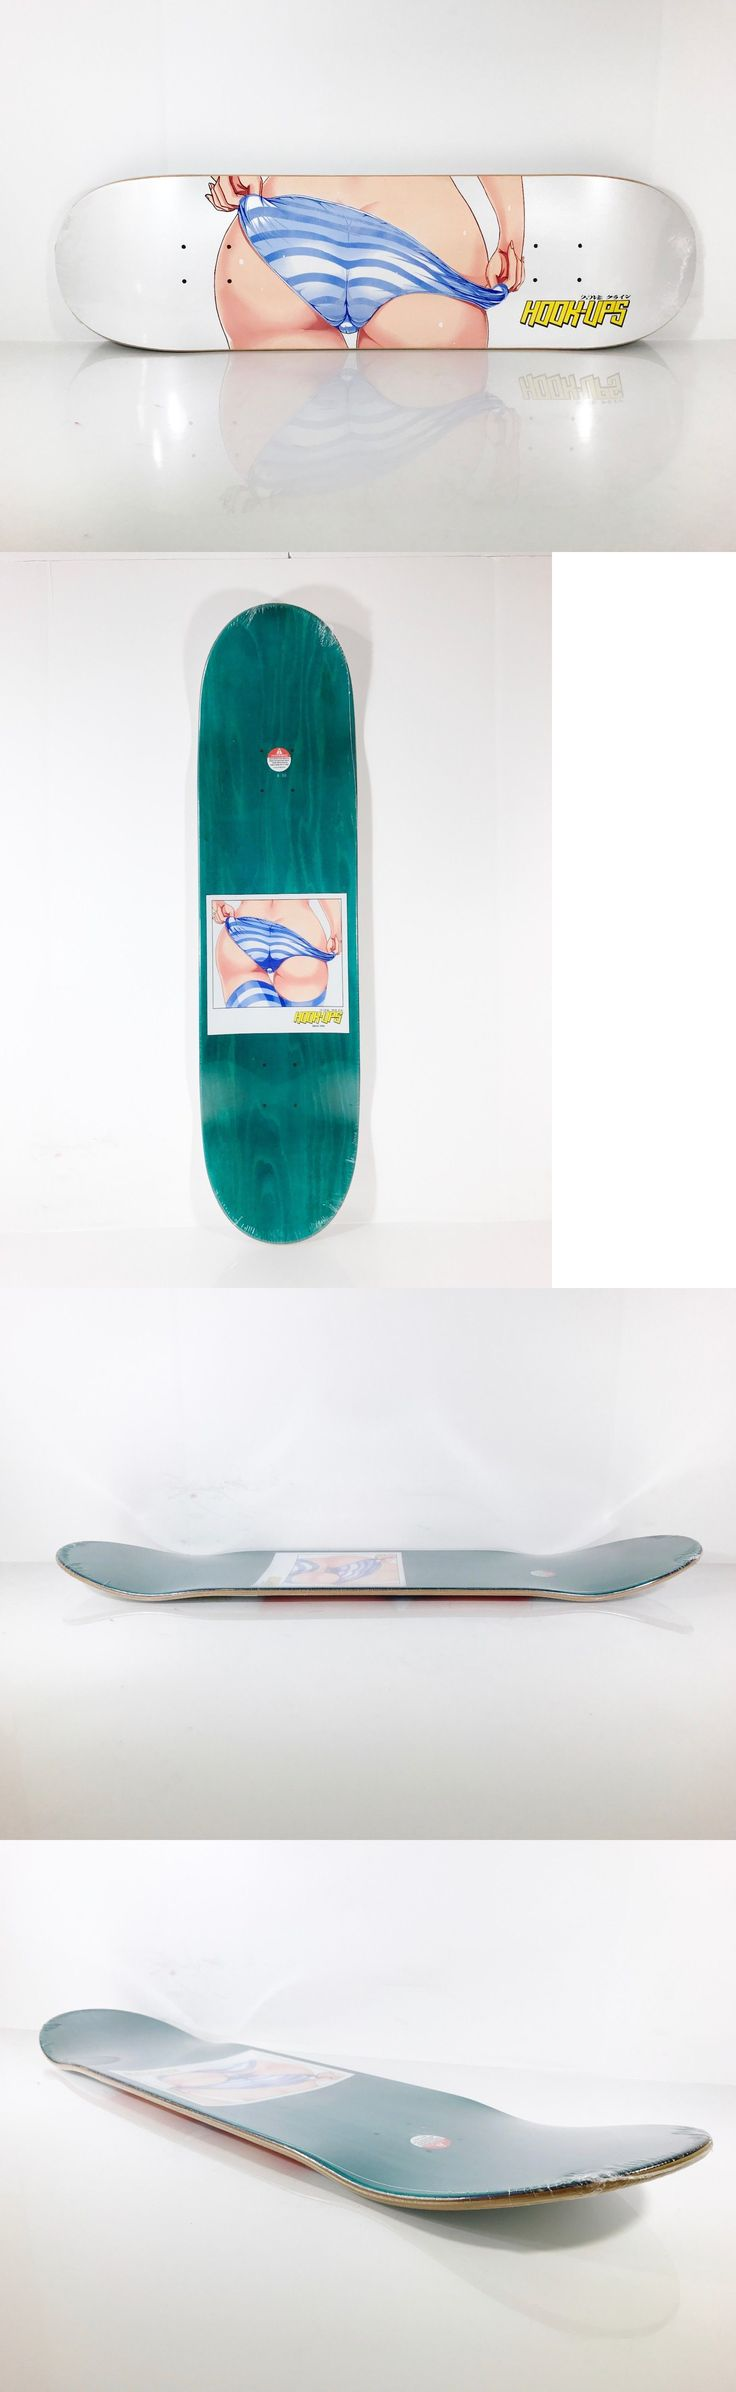 Decks 16263: Hook-Ups Assisstant Akiko 8.38 X 32.25 Skateboard Deck W Free Grip Tape -> BUY IT NOW ONLY: $59.99 on eBay!